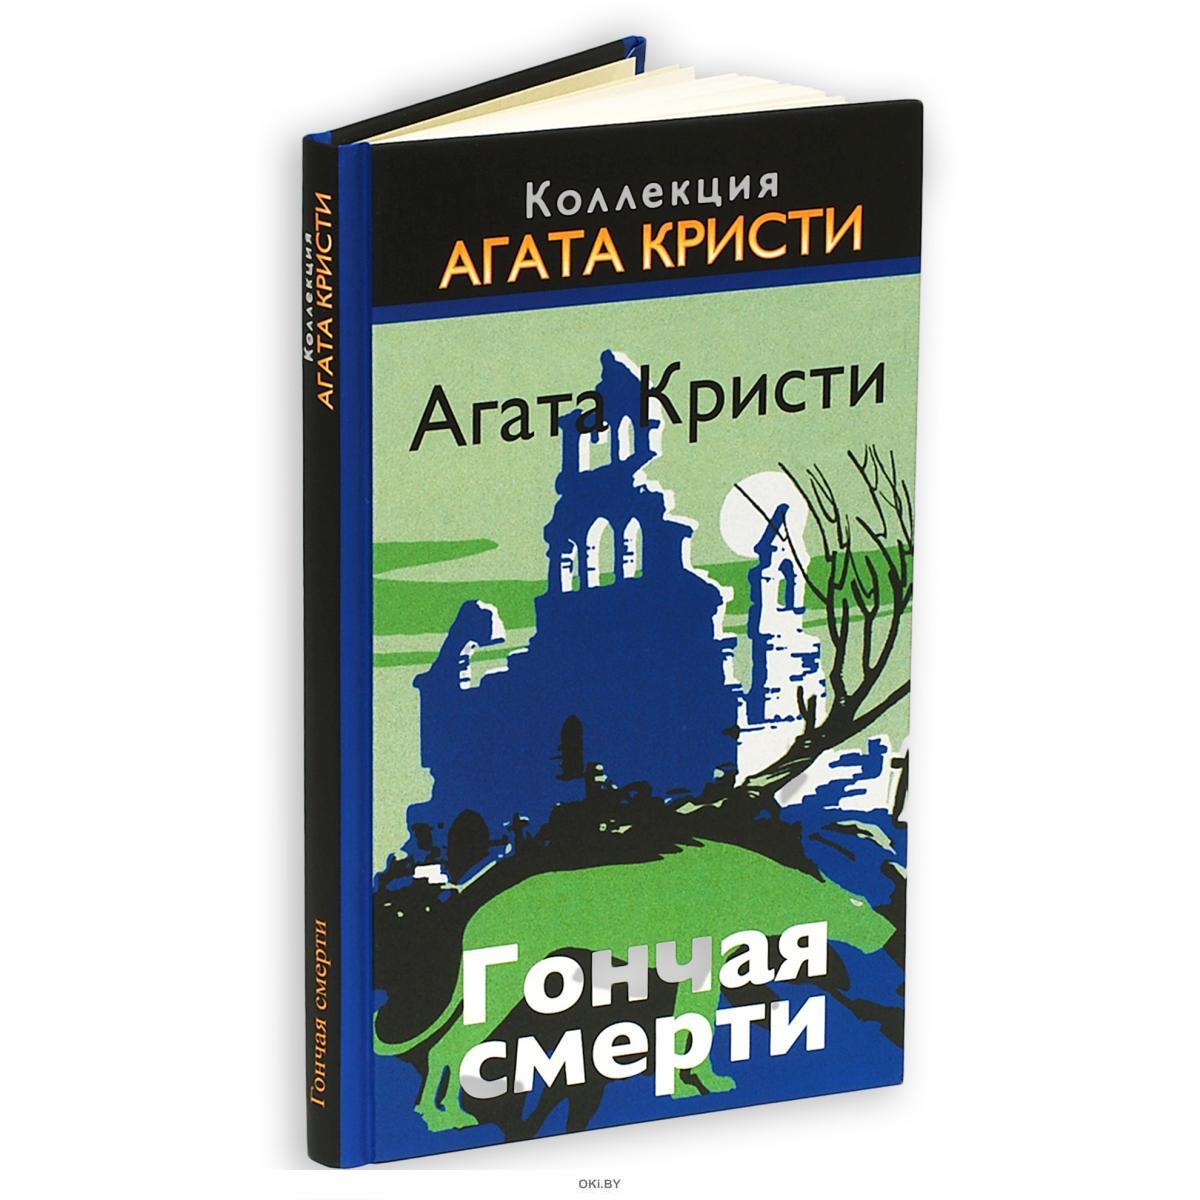 КОЛЛЕКЦИЯ АГАТА КРИСТИ № 84. Гончая смерти